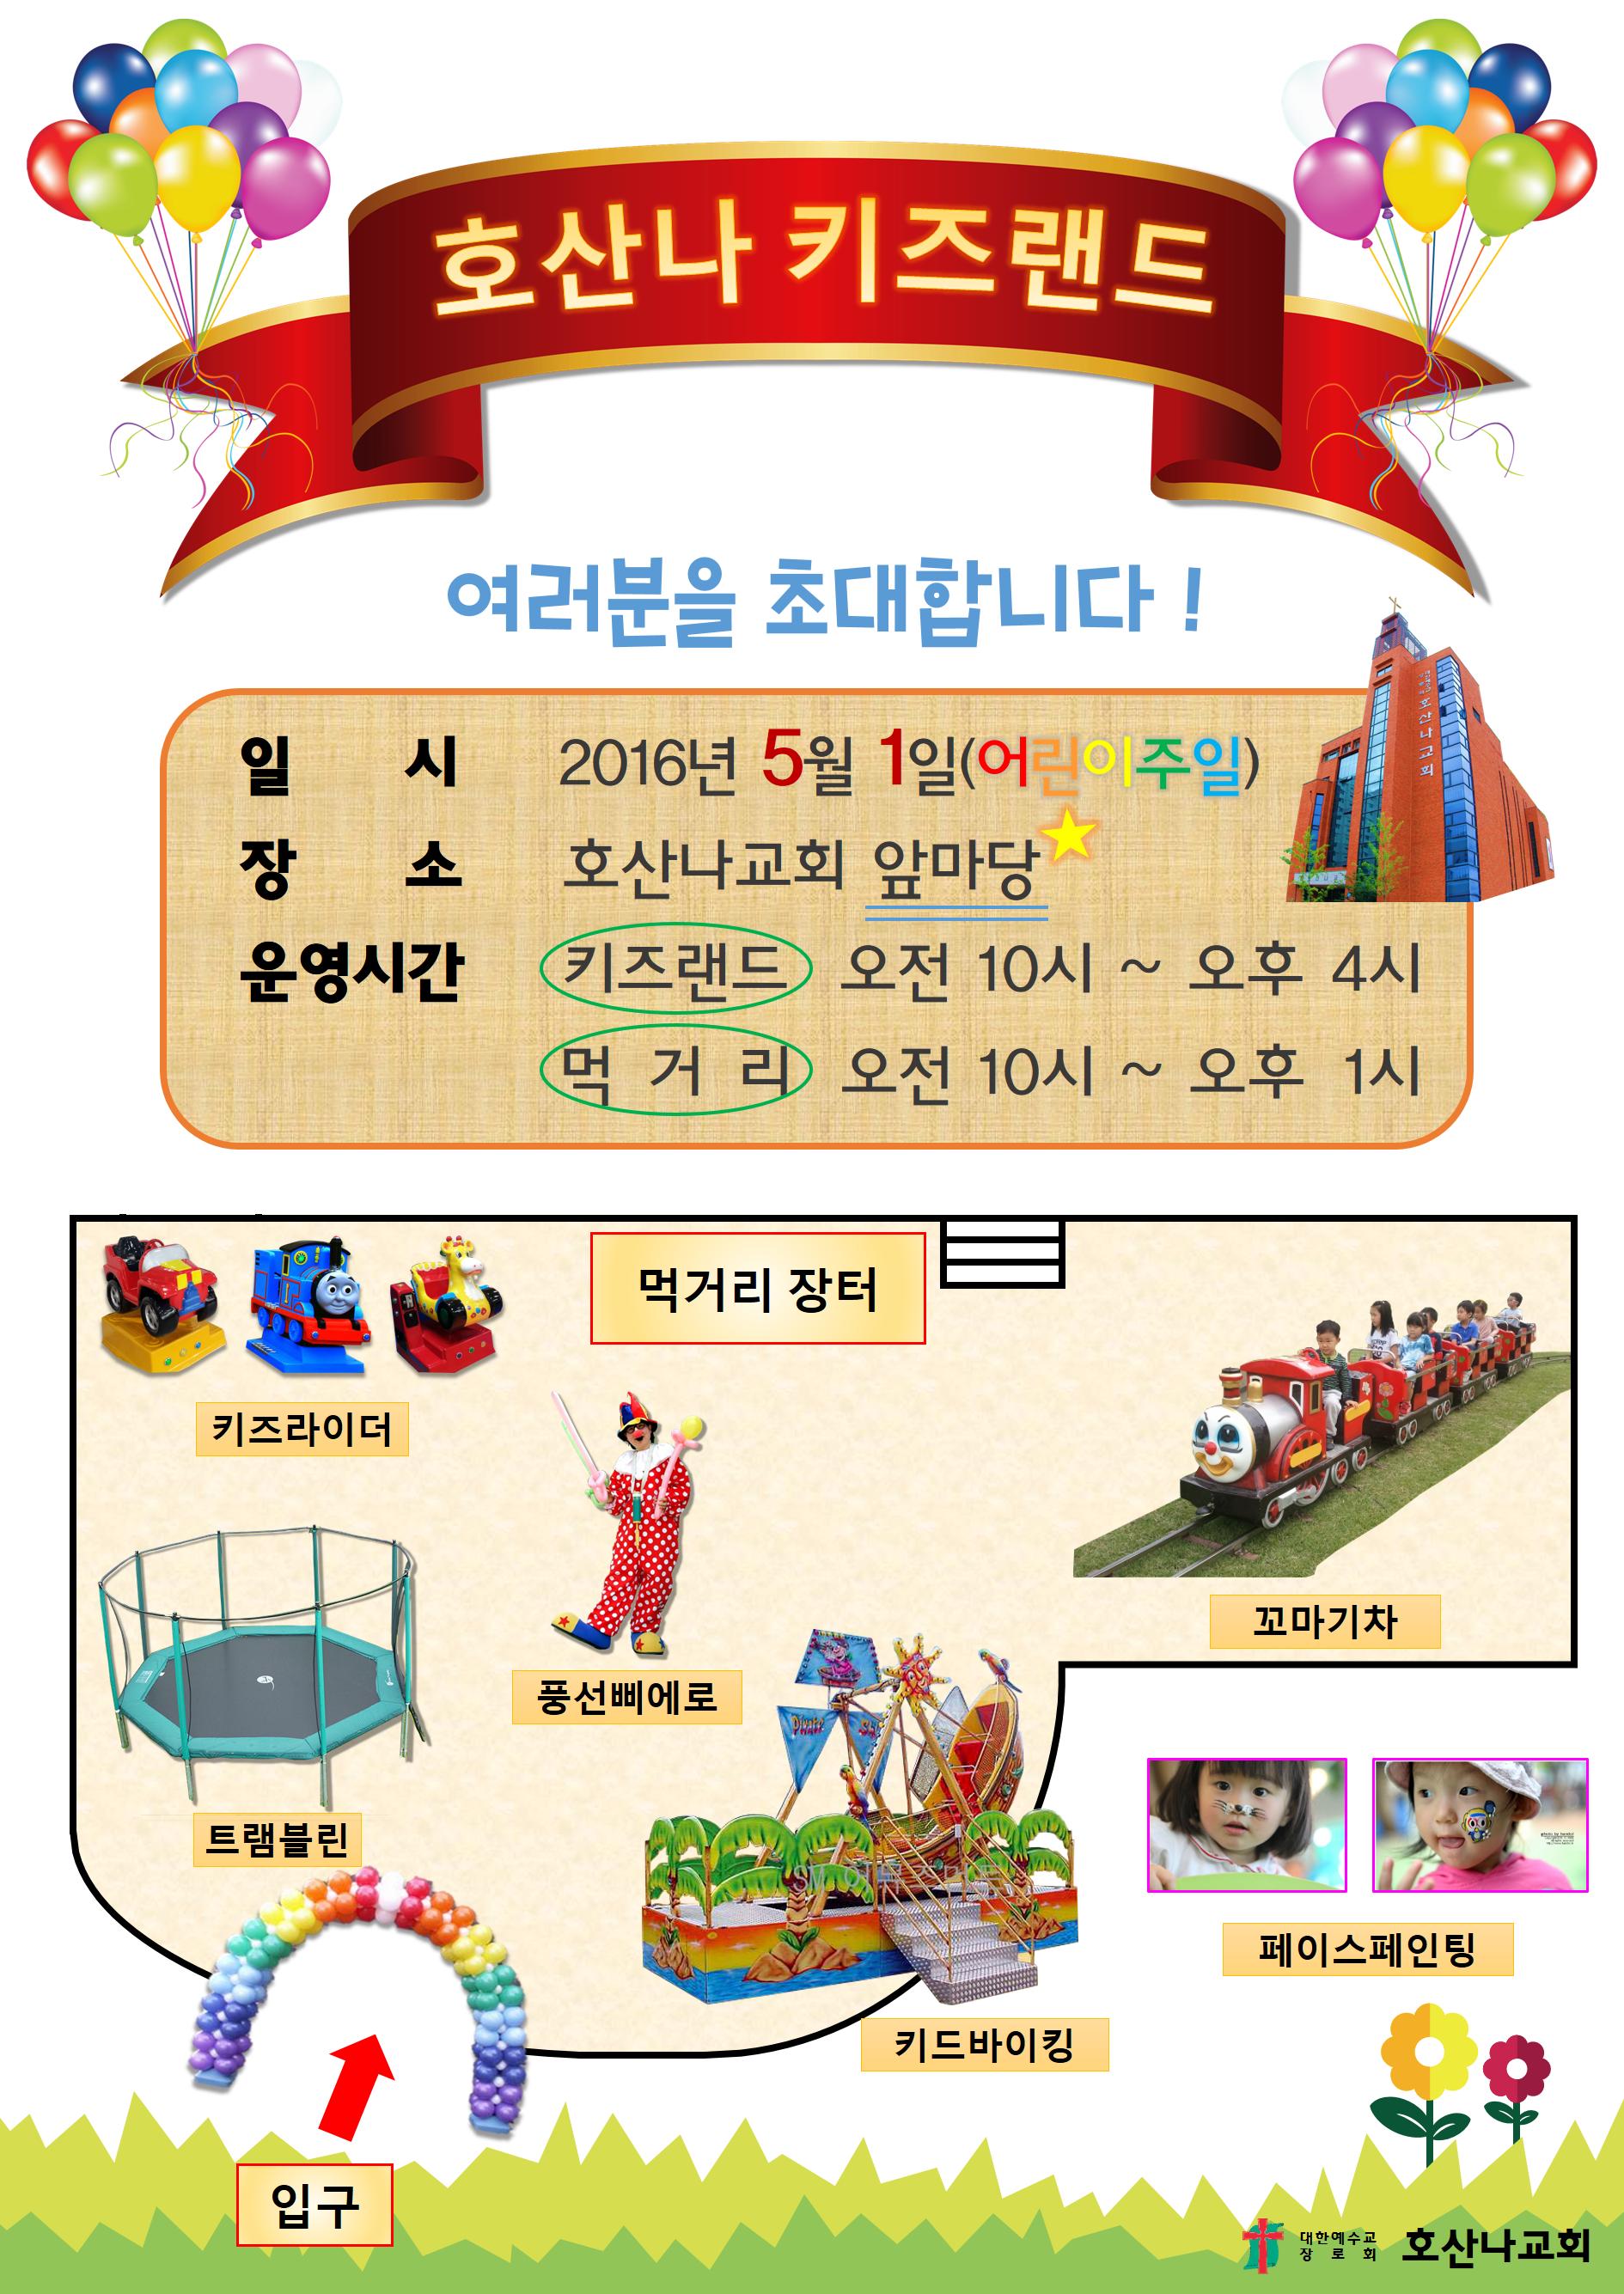 어린이주일 외벽 현수막 3차(확정)